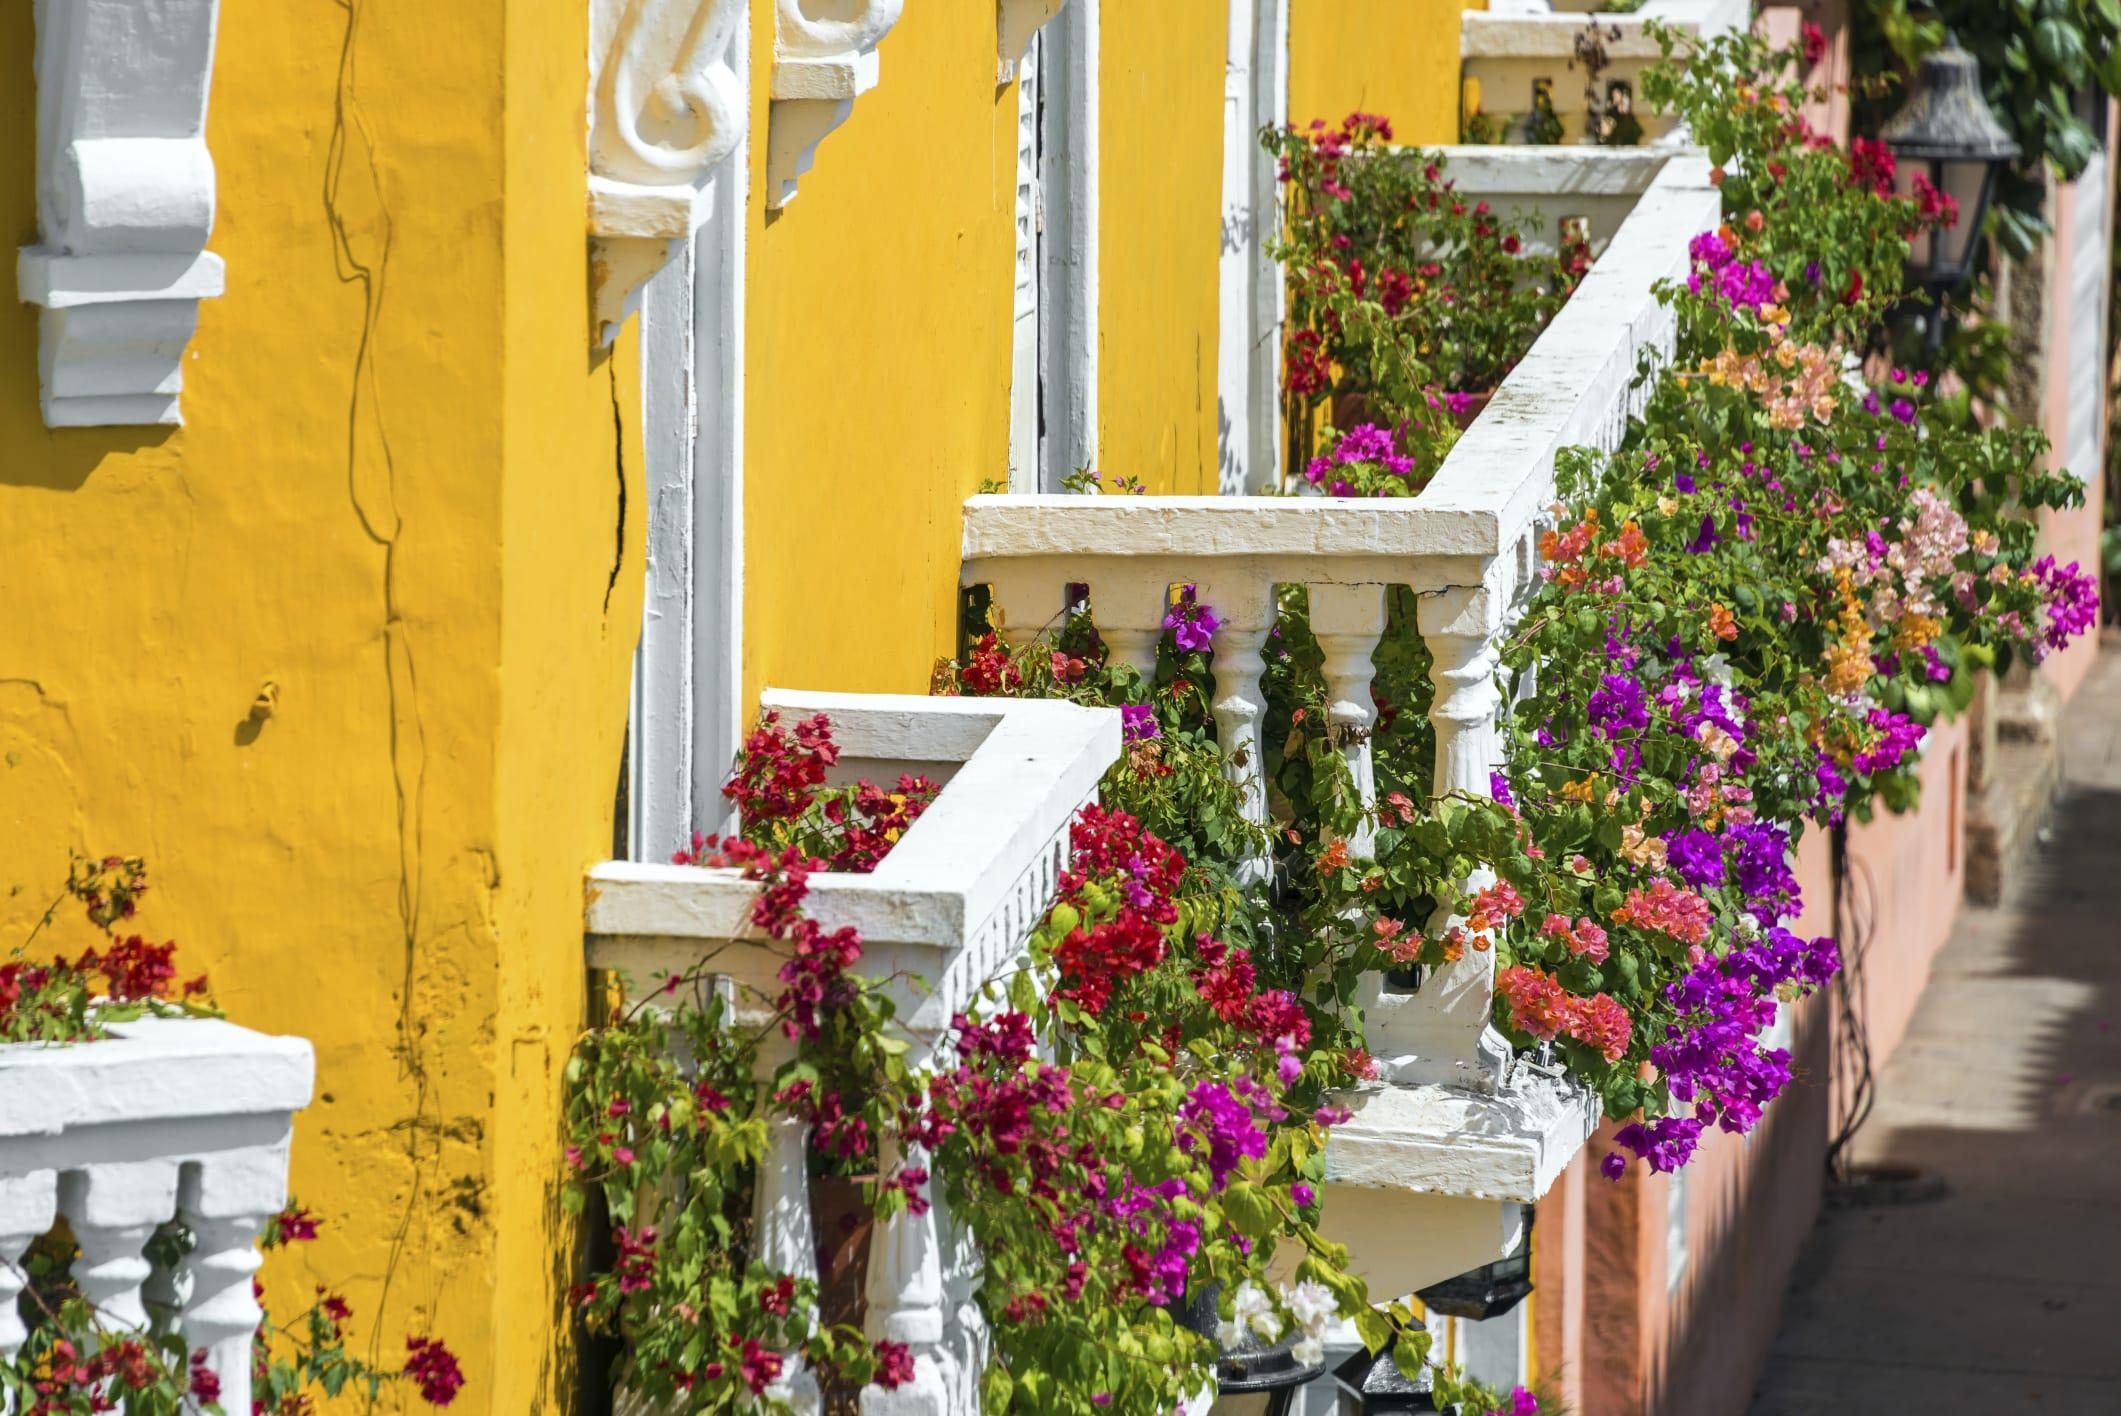 Conosciuto Come arredare il balcone con i fiori - Non sprecare IL18